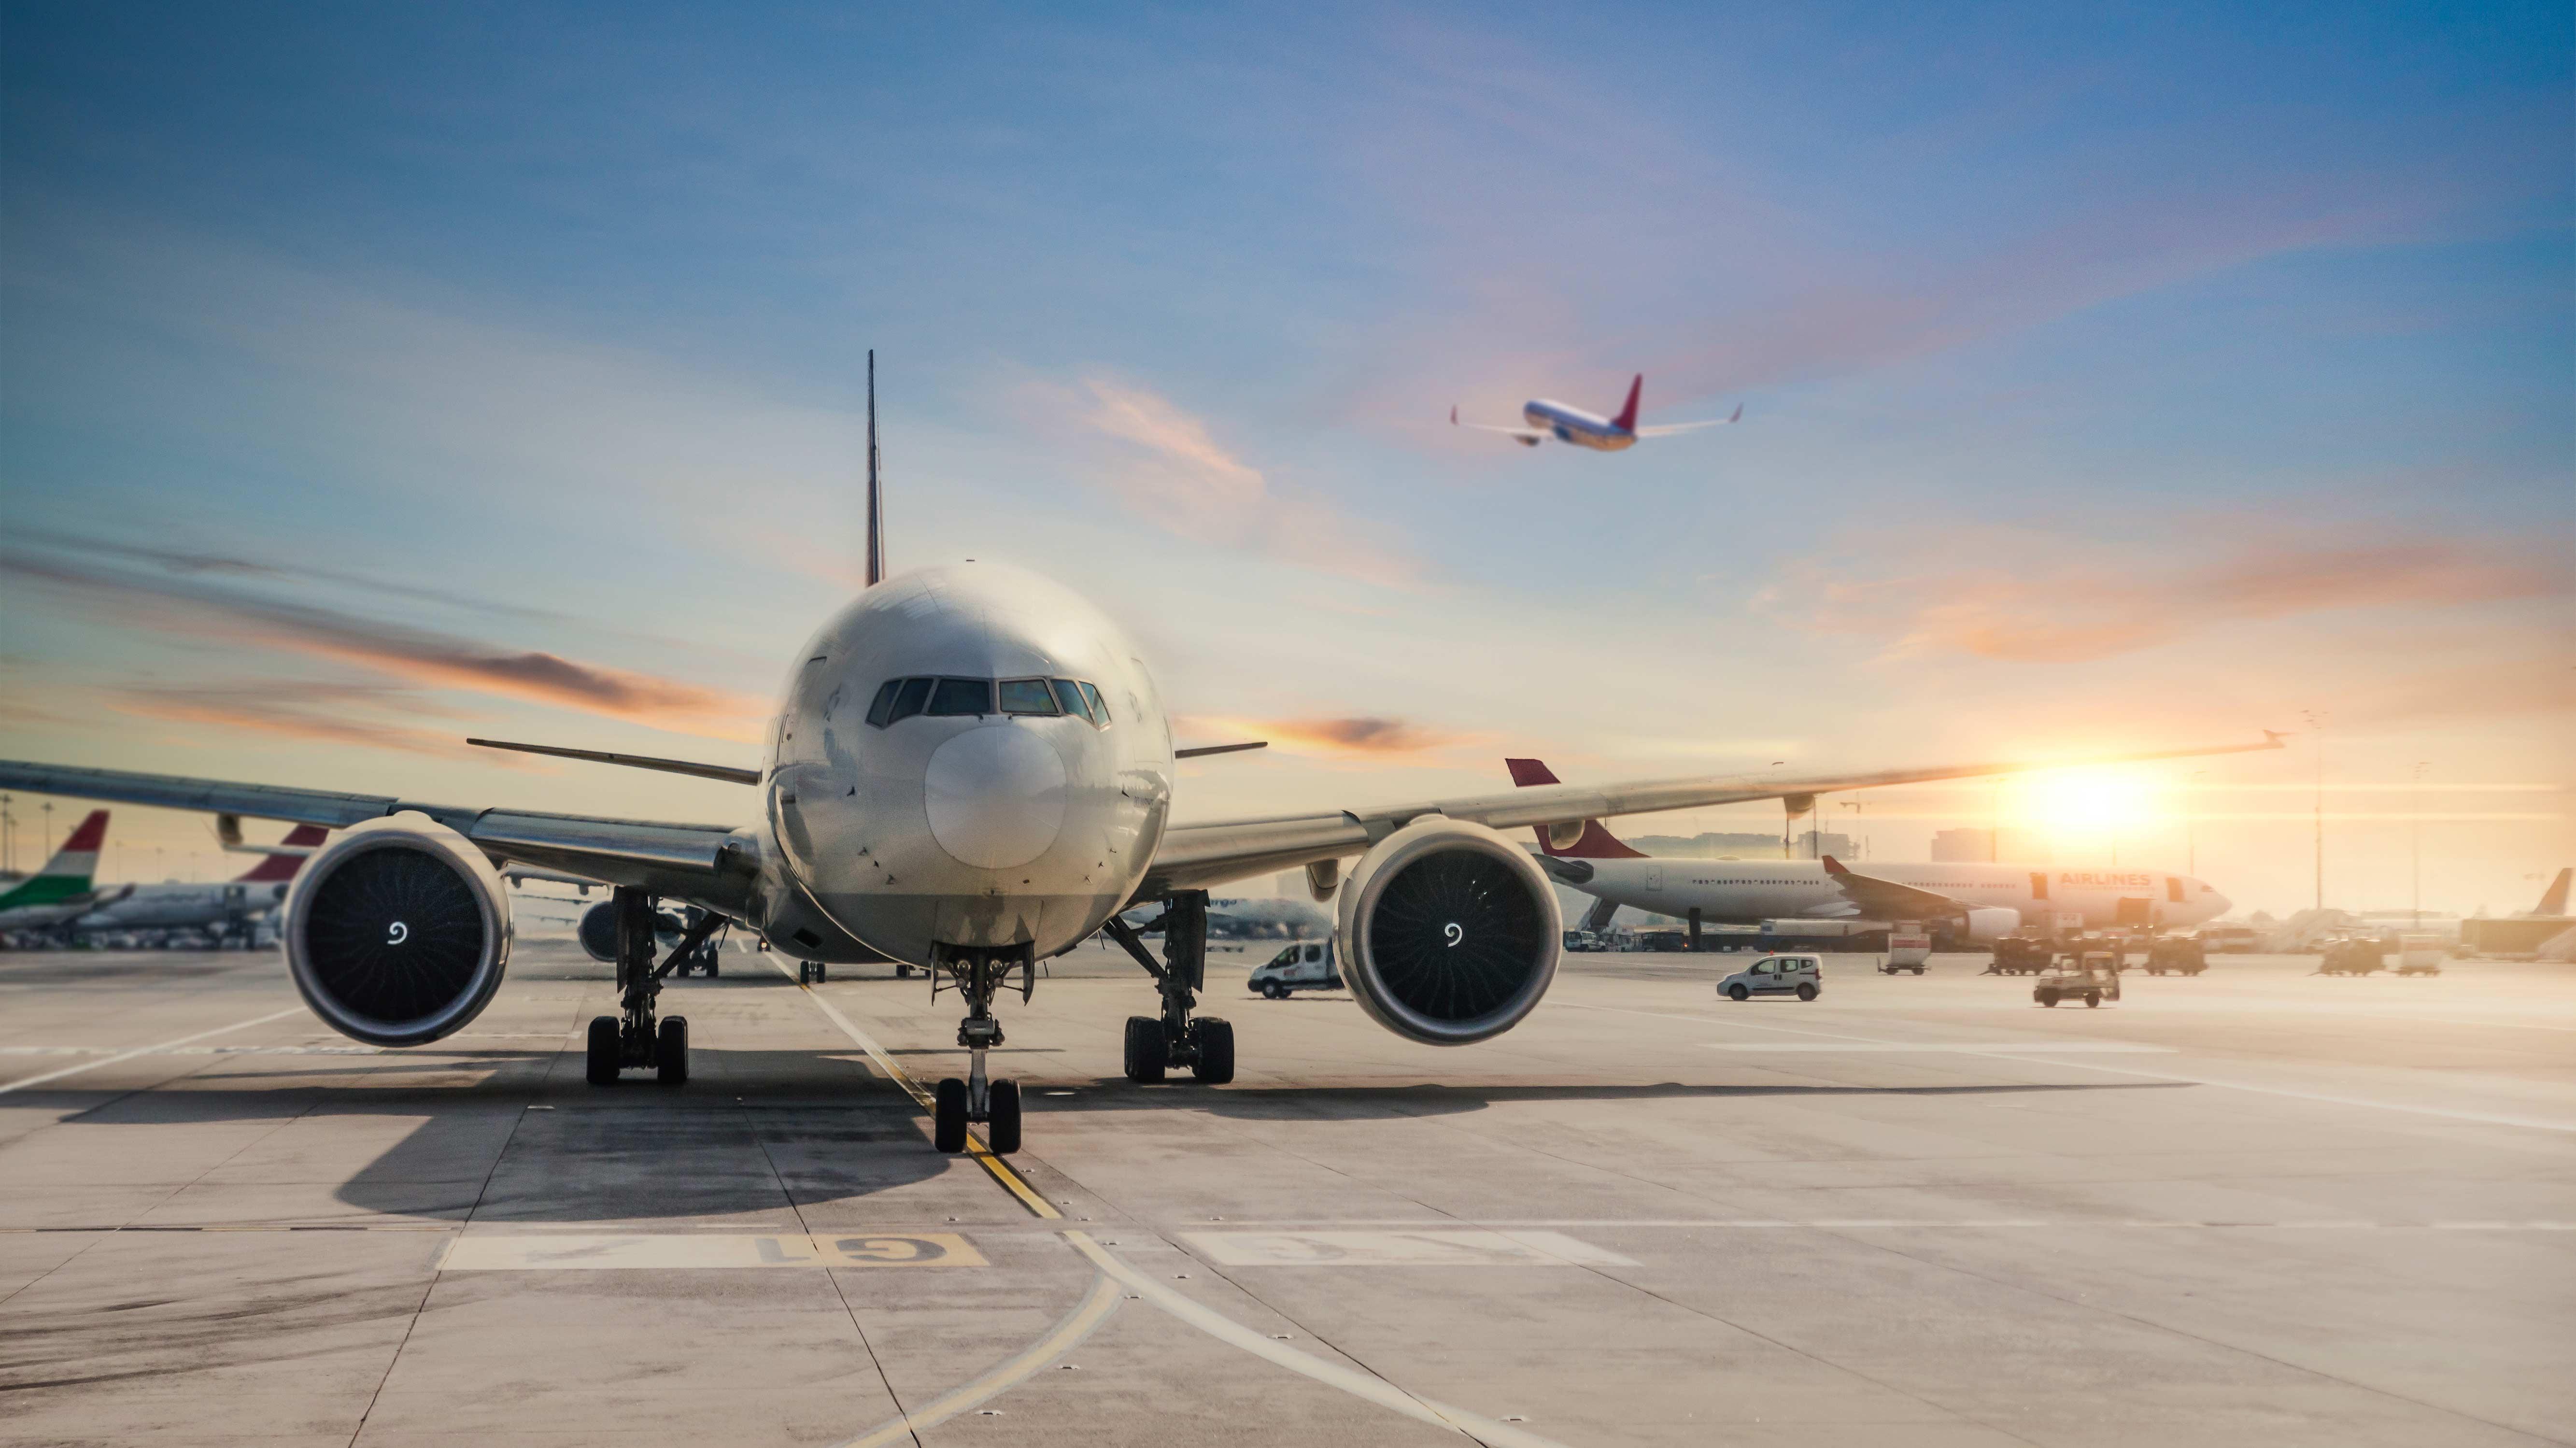 La creación de una aerolínea estatal afectaría la competitividad del mercado aerocomercial peruano